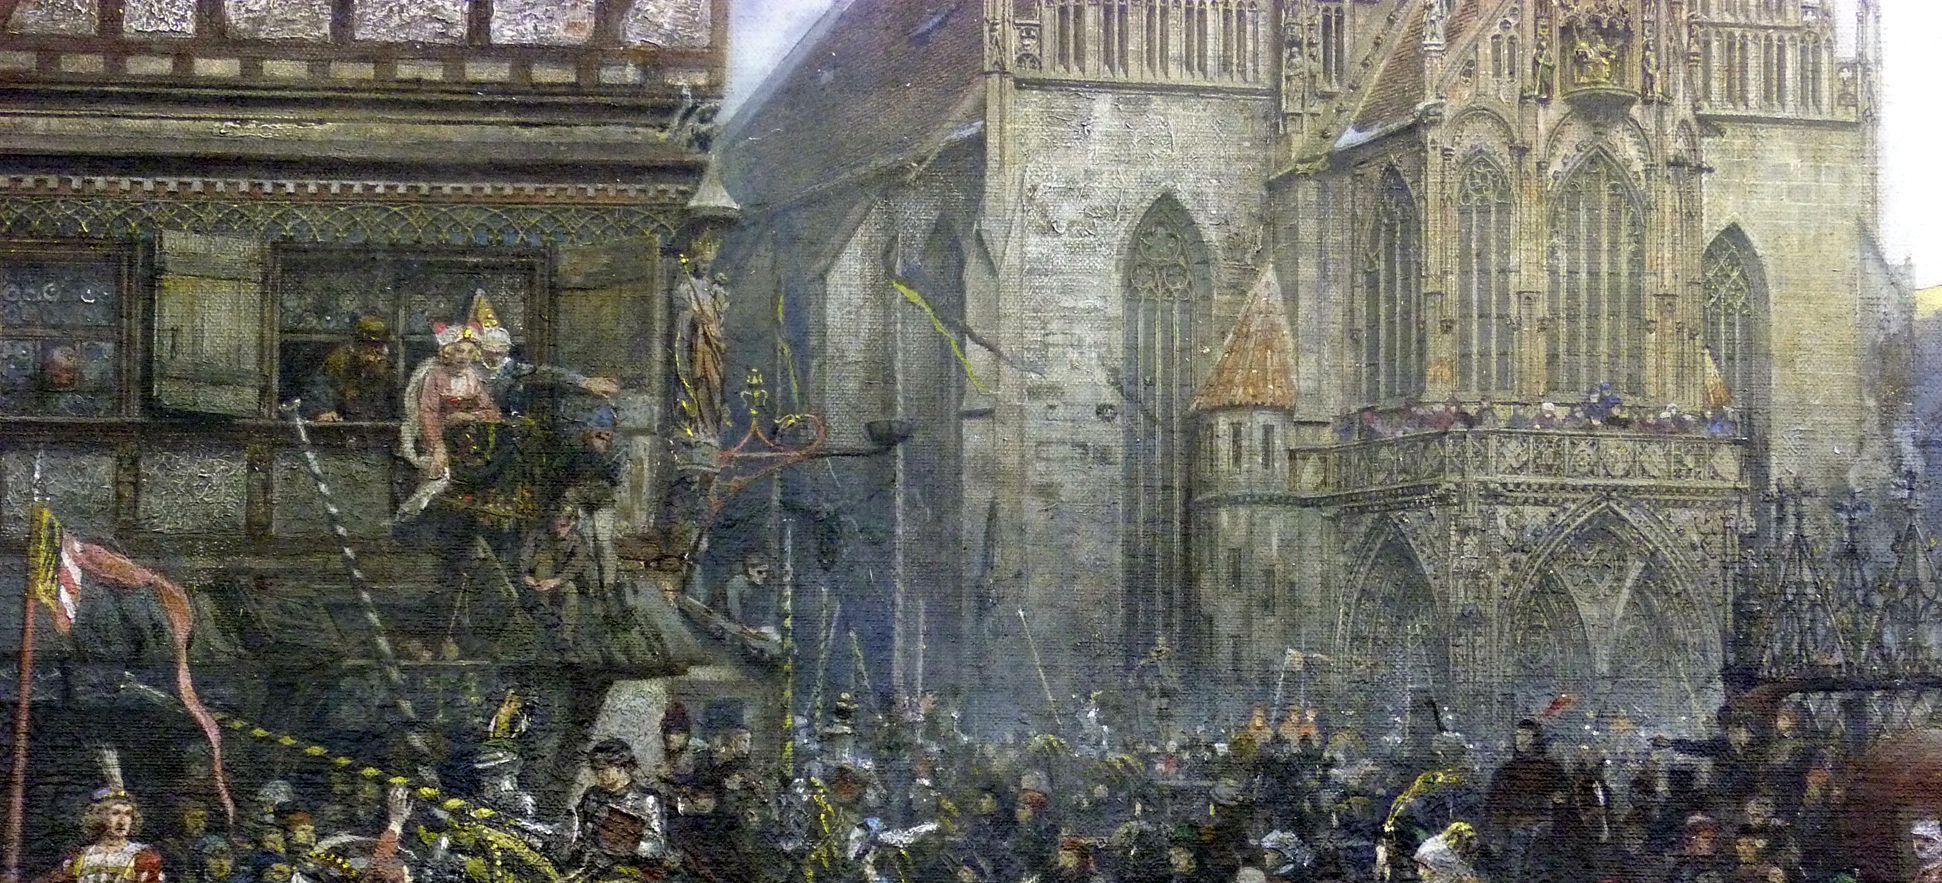 Der Marktplatz zu Nürnberg zur Zeit des Tuniers von 1496 Zug der Tunierreiter, Schaulustige